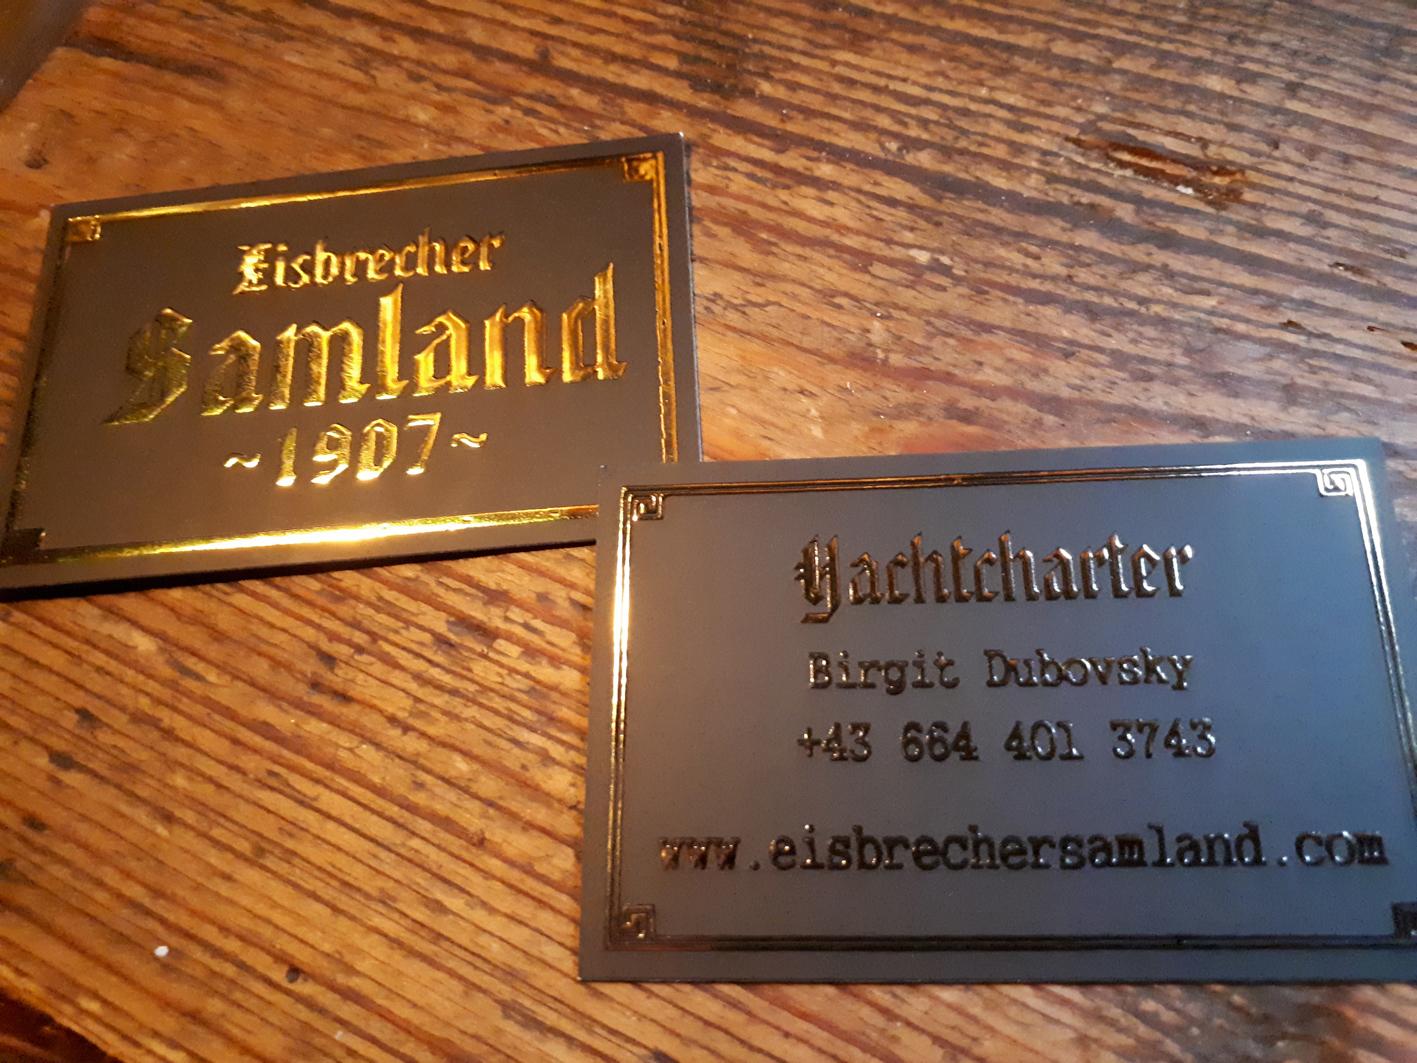 3.) Visitenkarten - das erste Giveaway - edel auf matt schwarz mit erhabenem Golddruck